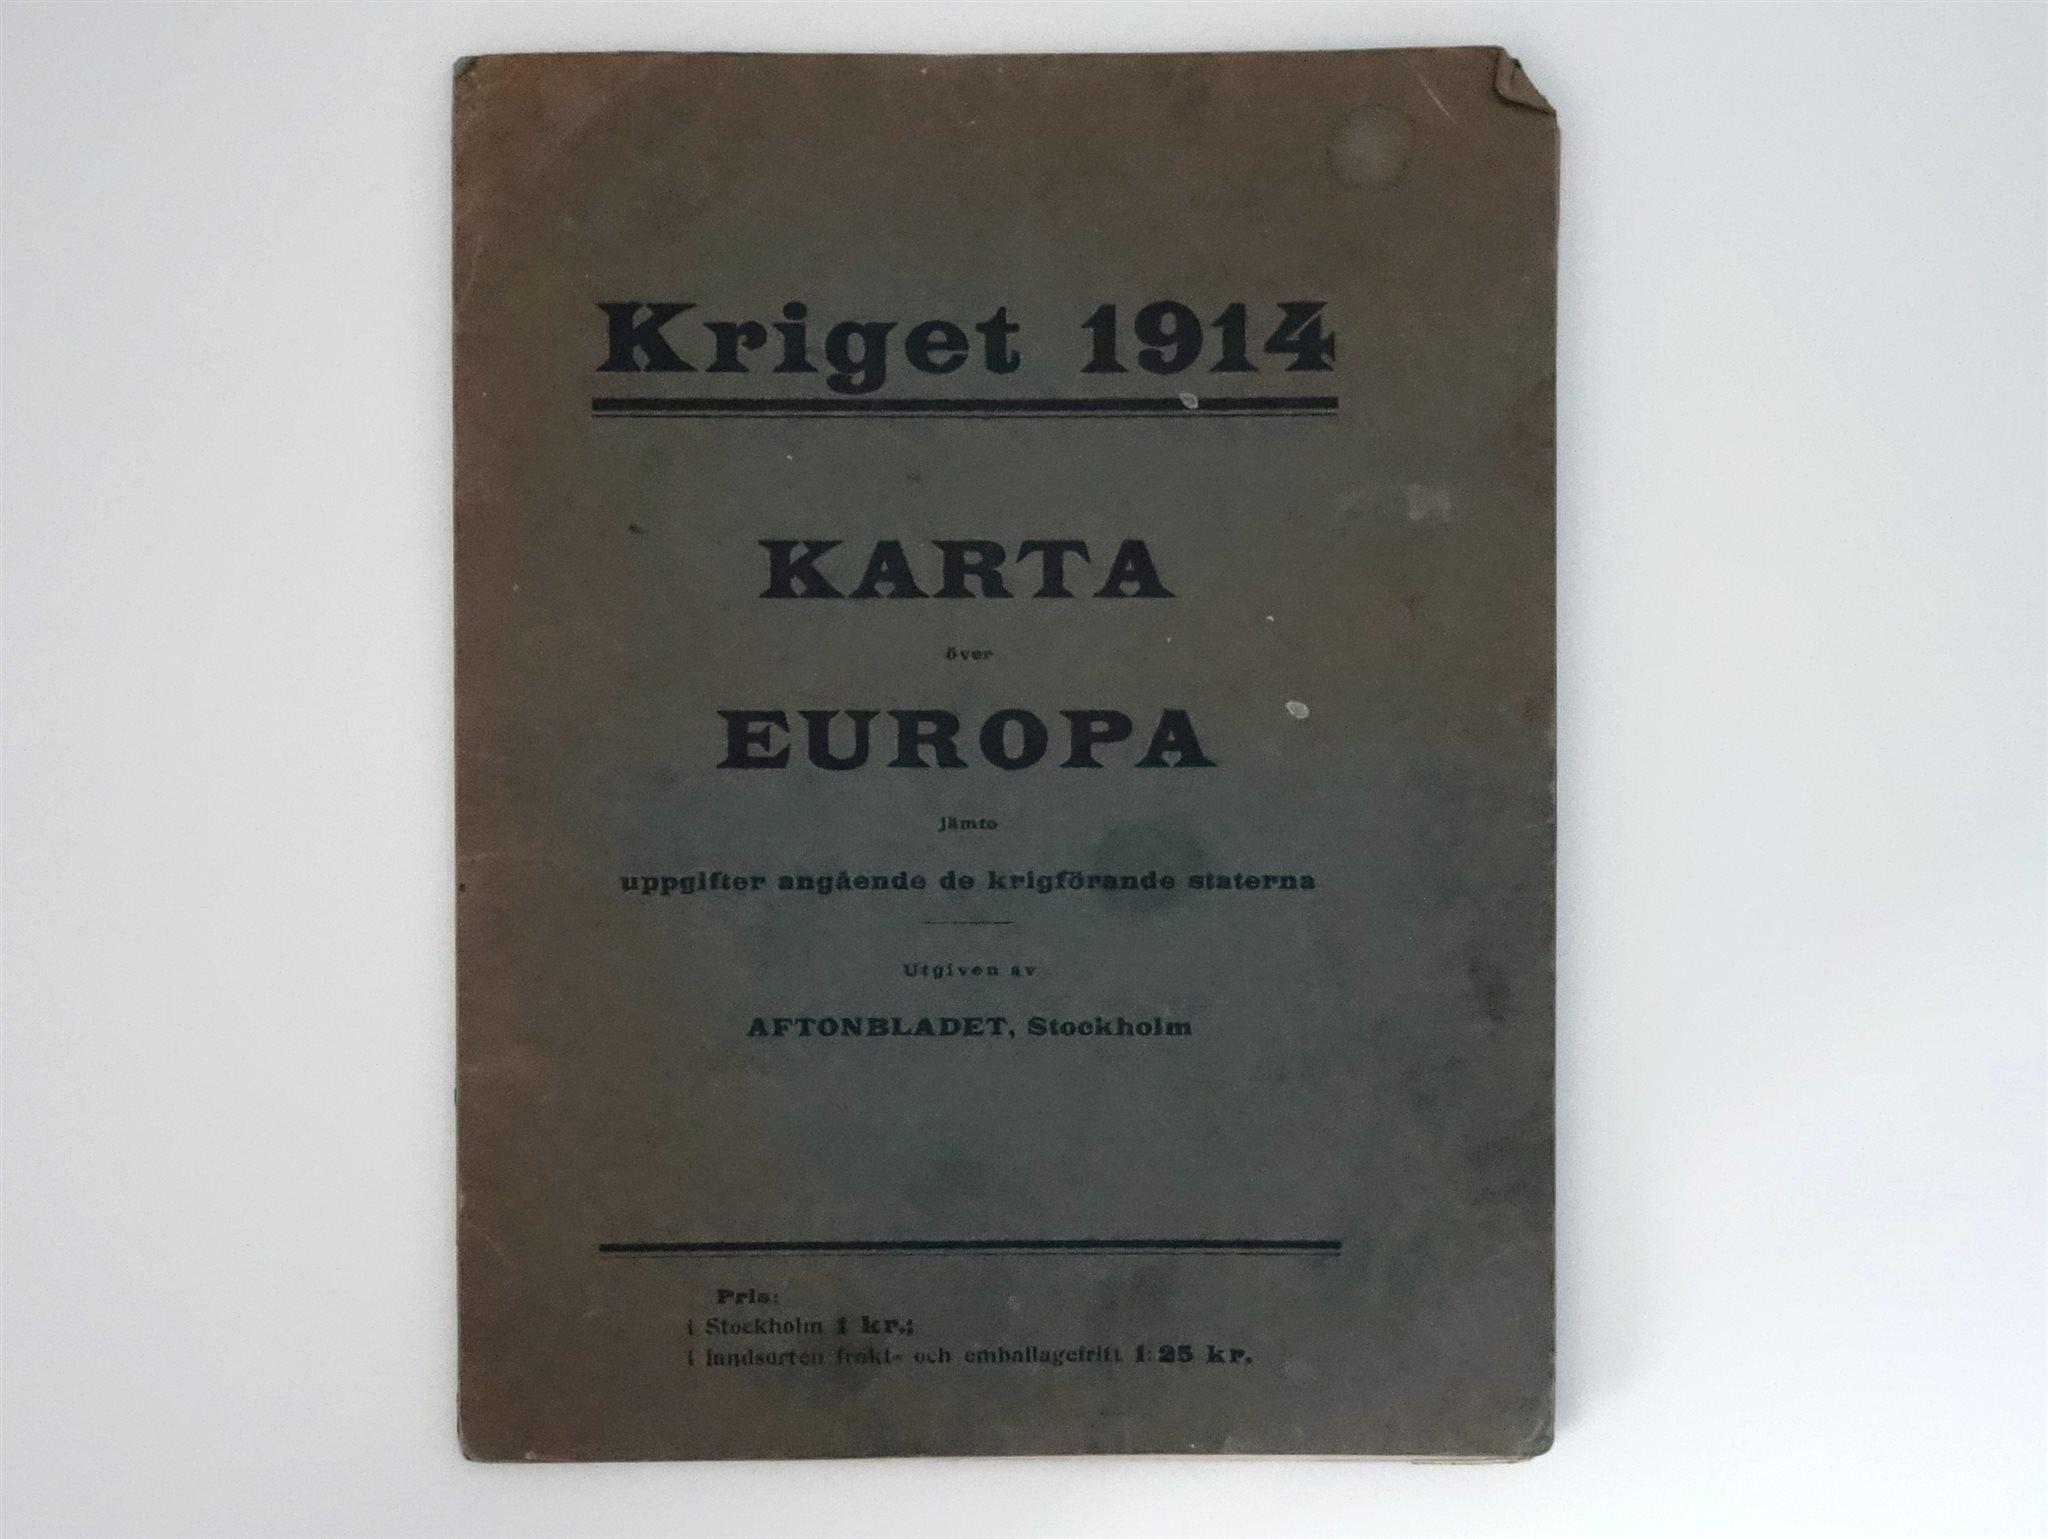 Karta Europa Andra Varldskriget.Karta Kriget 1914 Forsta Varldskriget 338819552 ᐈ Kop Pa Tradera